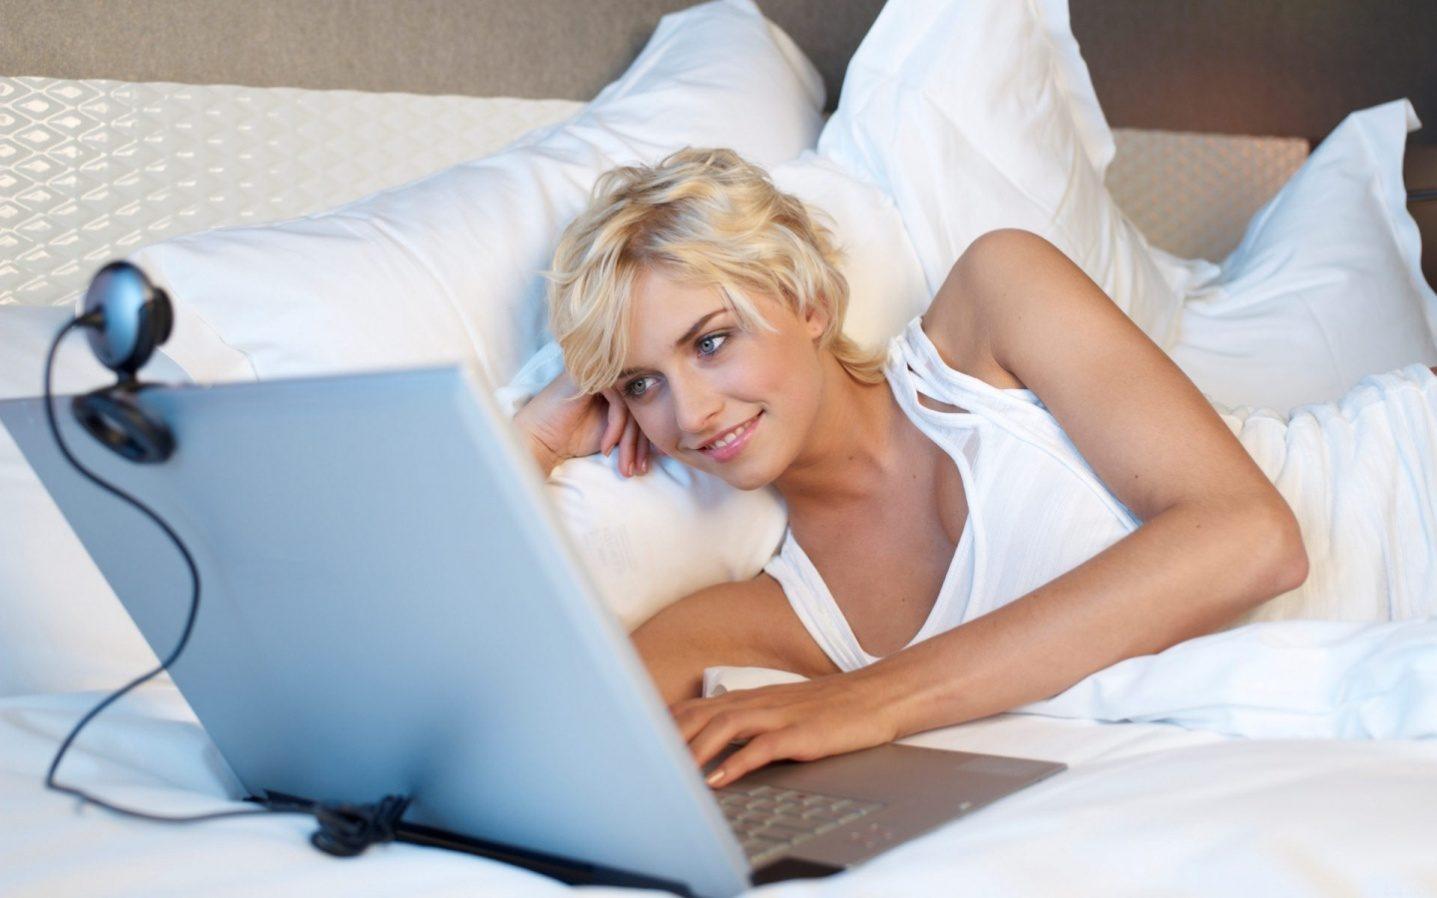 goede lijnen te zetten op een dating site